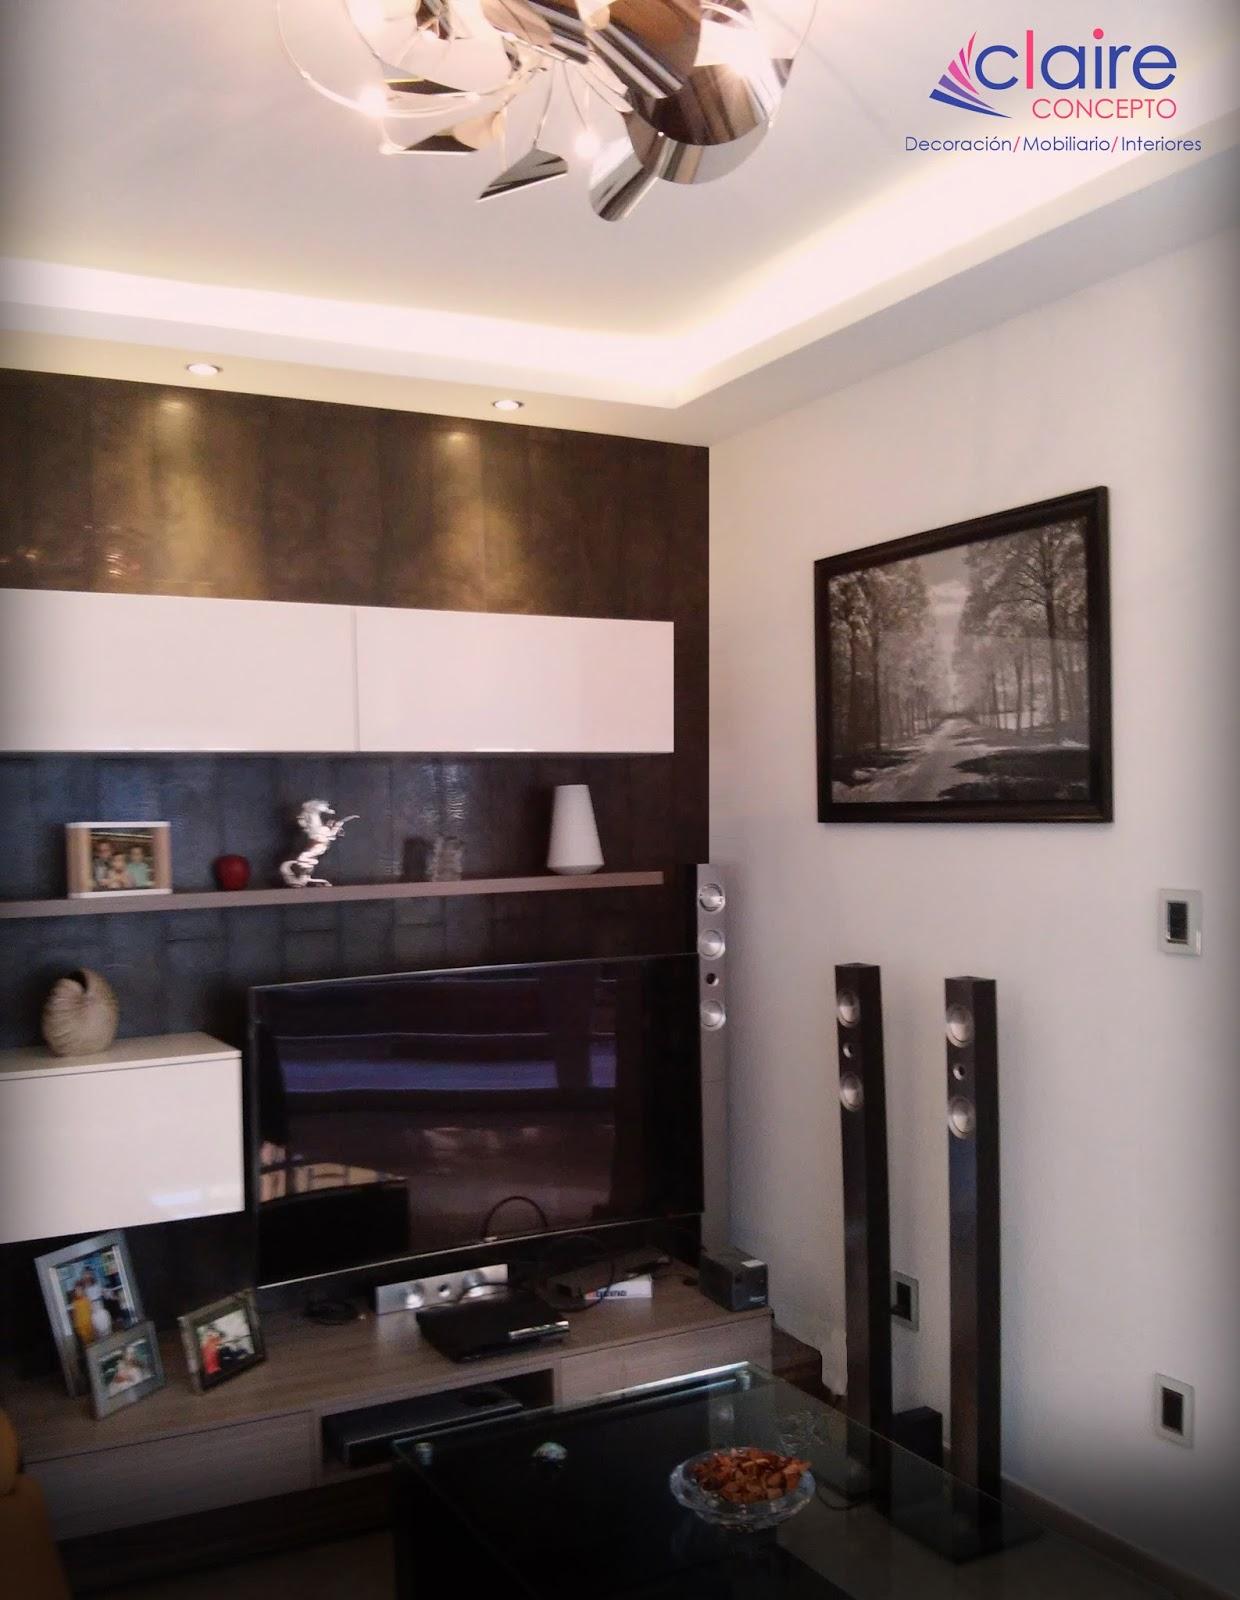 Remodelaci n de casas plafones de tablaroca muebles for Remodelacion de casas interiores